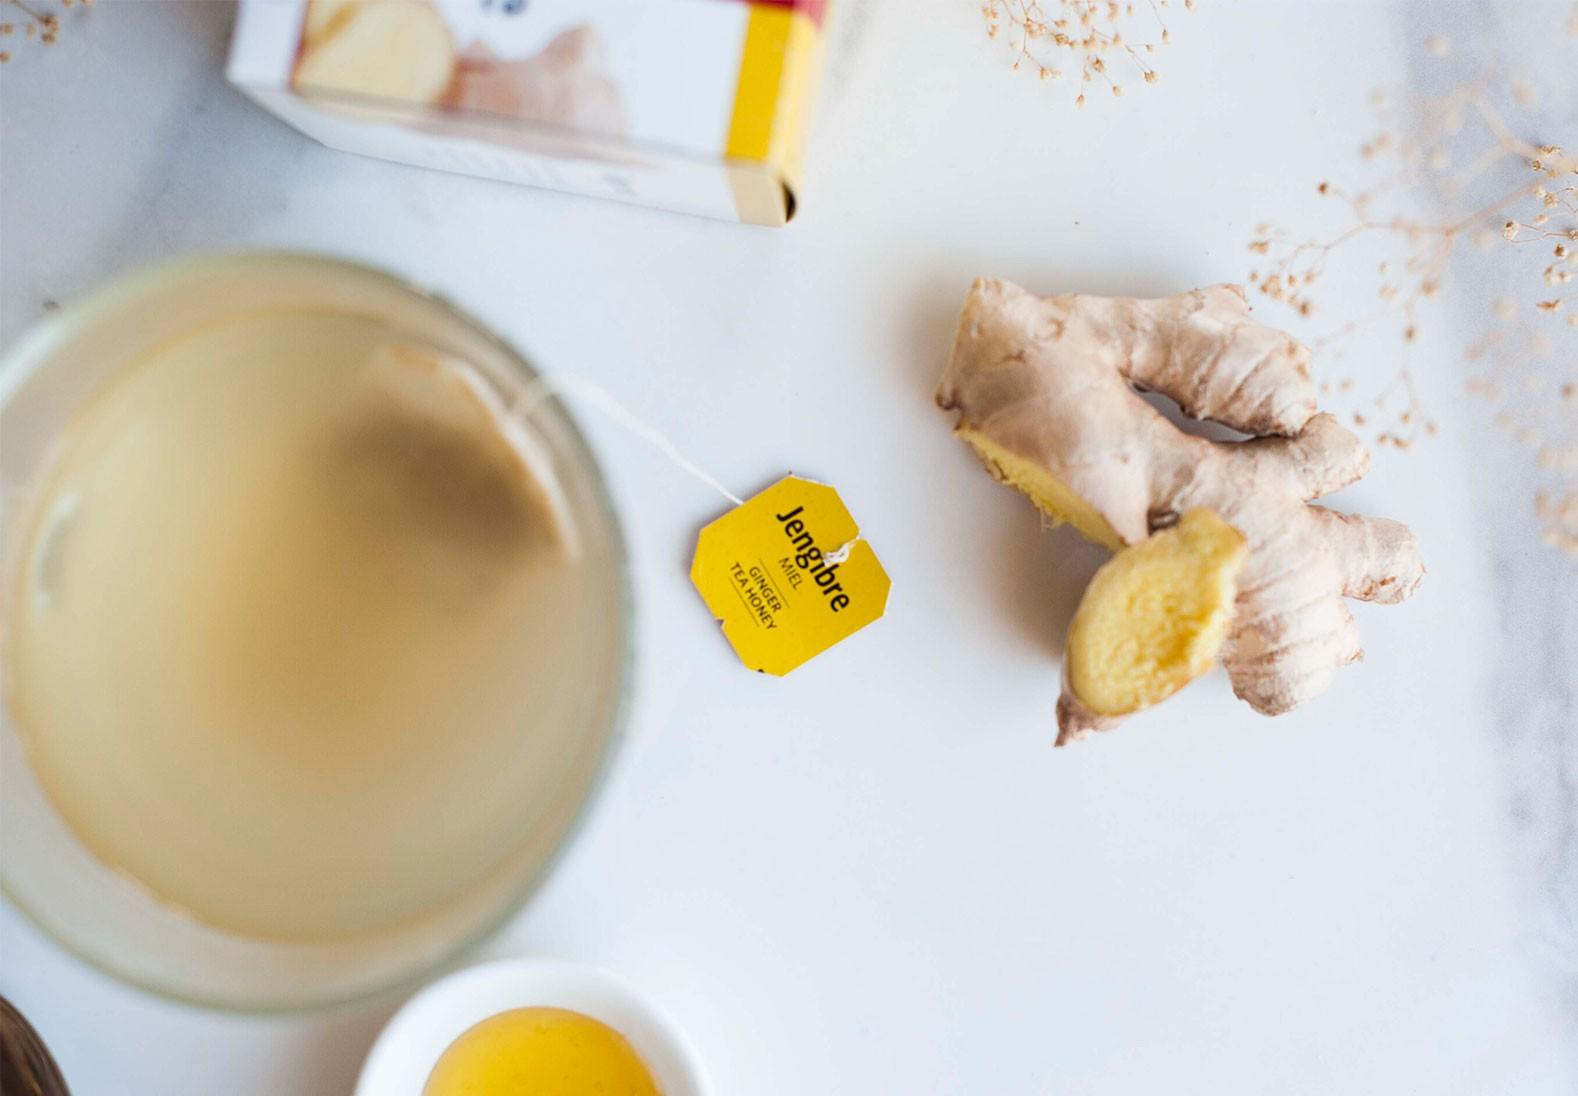 Carmencita recomienda el jengibre, un condimento de lo más completo